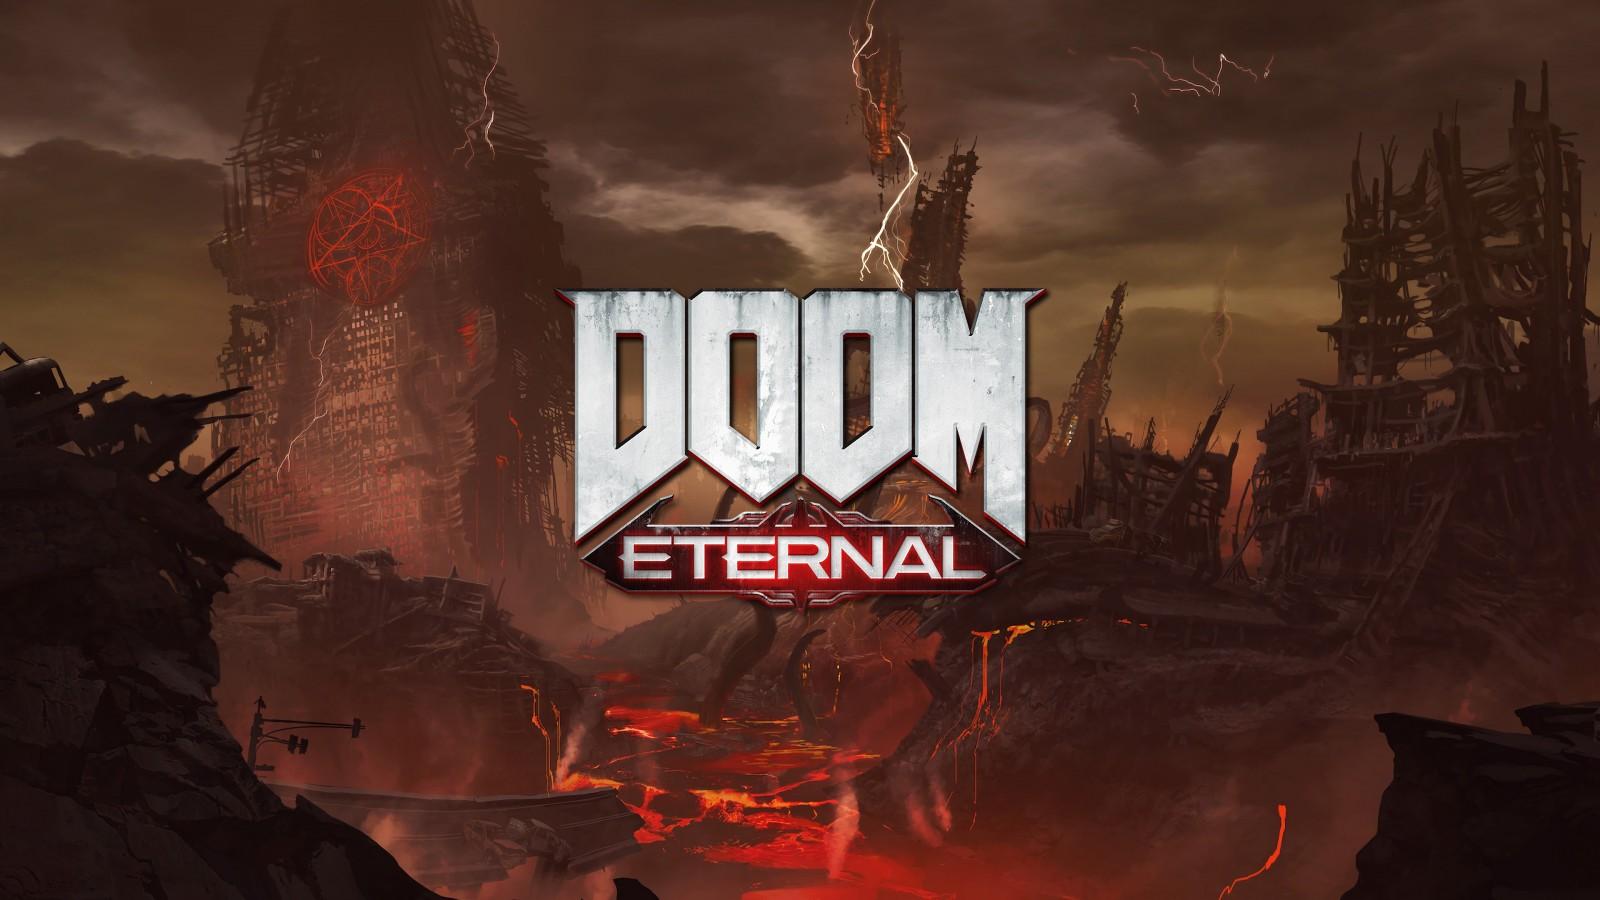 Cute Wallpapers Iphone 6 Plus Doom Eternal 2019 Game 4k Wallpapers Hd Wallpapers Id